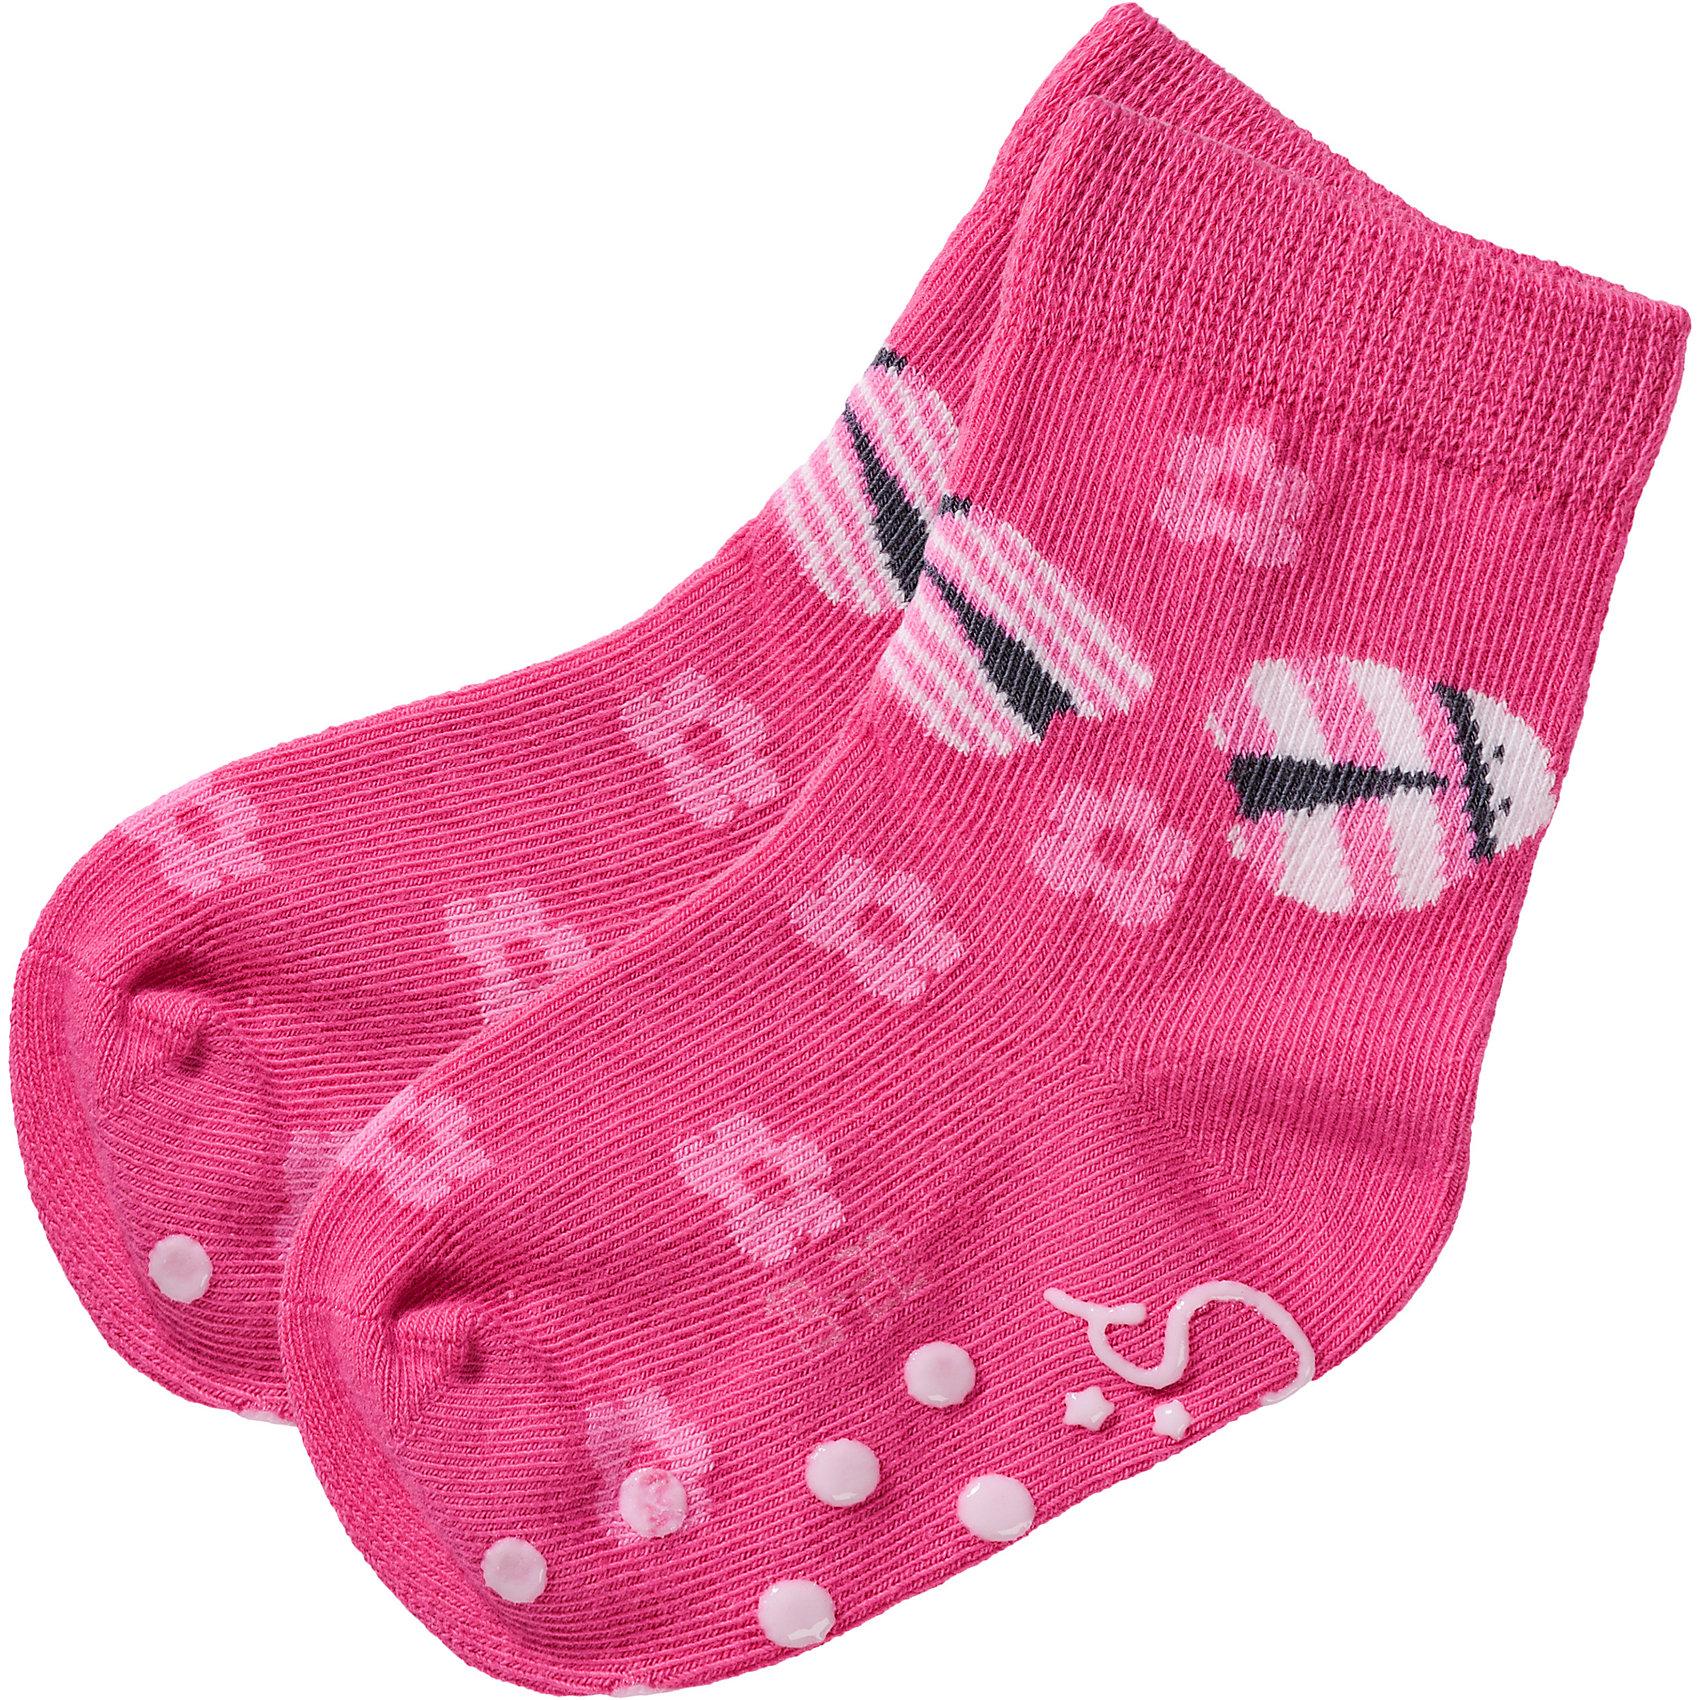 того, картинки розовые носочки политической общественной